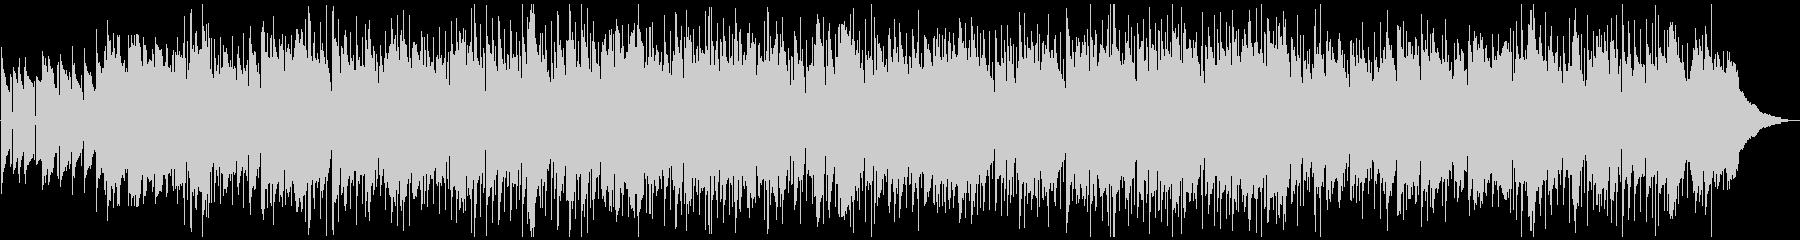 カントリー調のロックバラードの未再生の波形